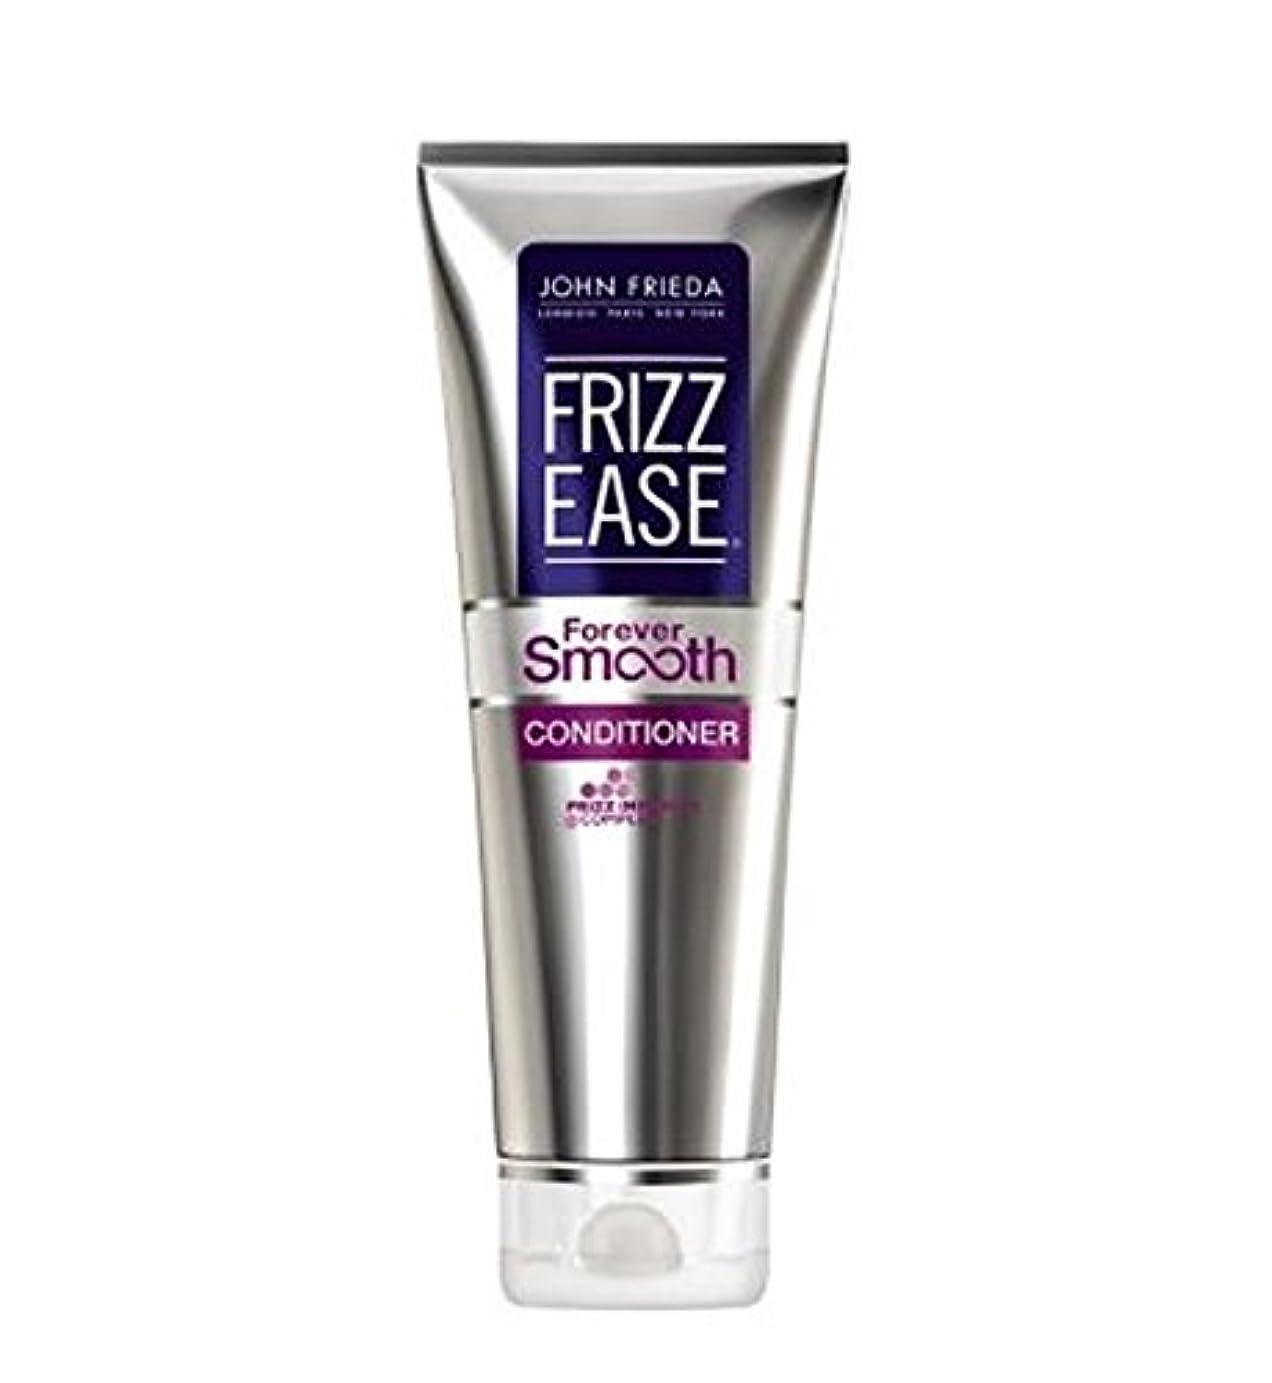 ネストまた明日ねキノコJohn Frieda Frizz-Ease Forever Smooth Conditioner 250ml - ジョン?フリーダ縮れ-容易永遠に滑らかなコンディショナー250Ml (John Frieda) [並行輸入品]